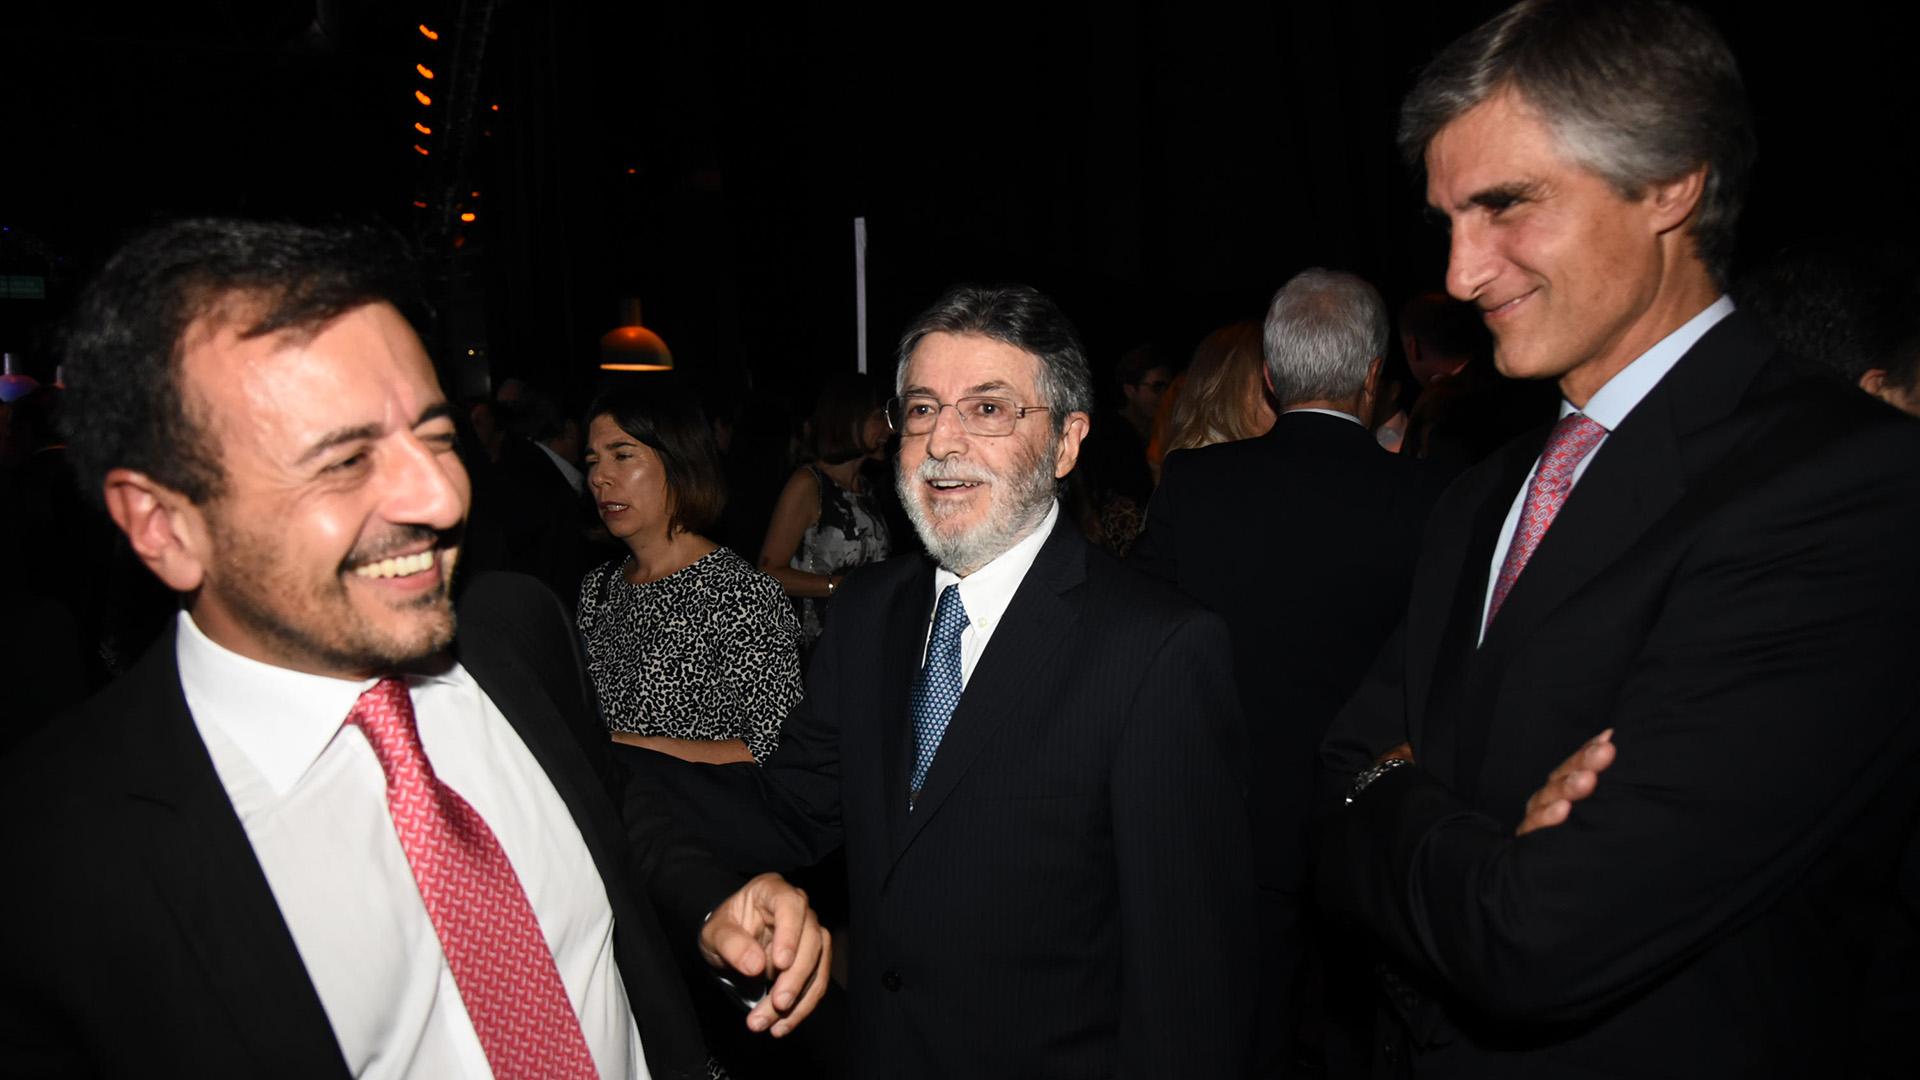 Mario Quintana y Alberto Abad